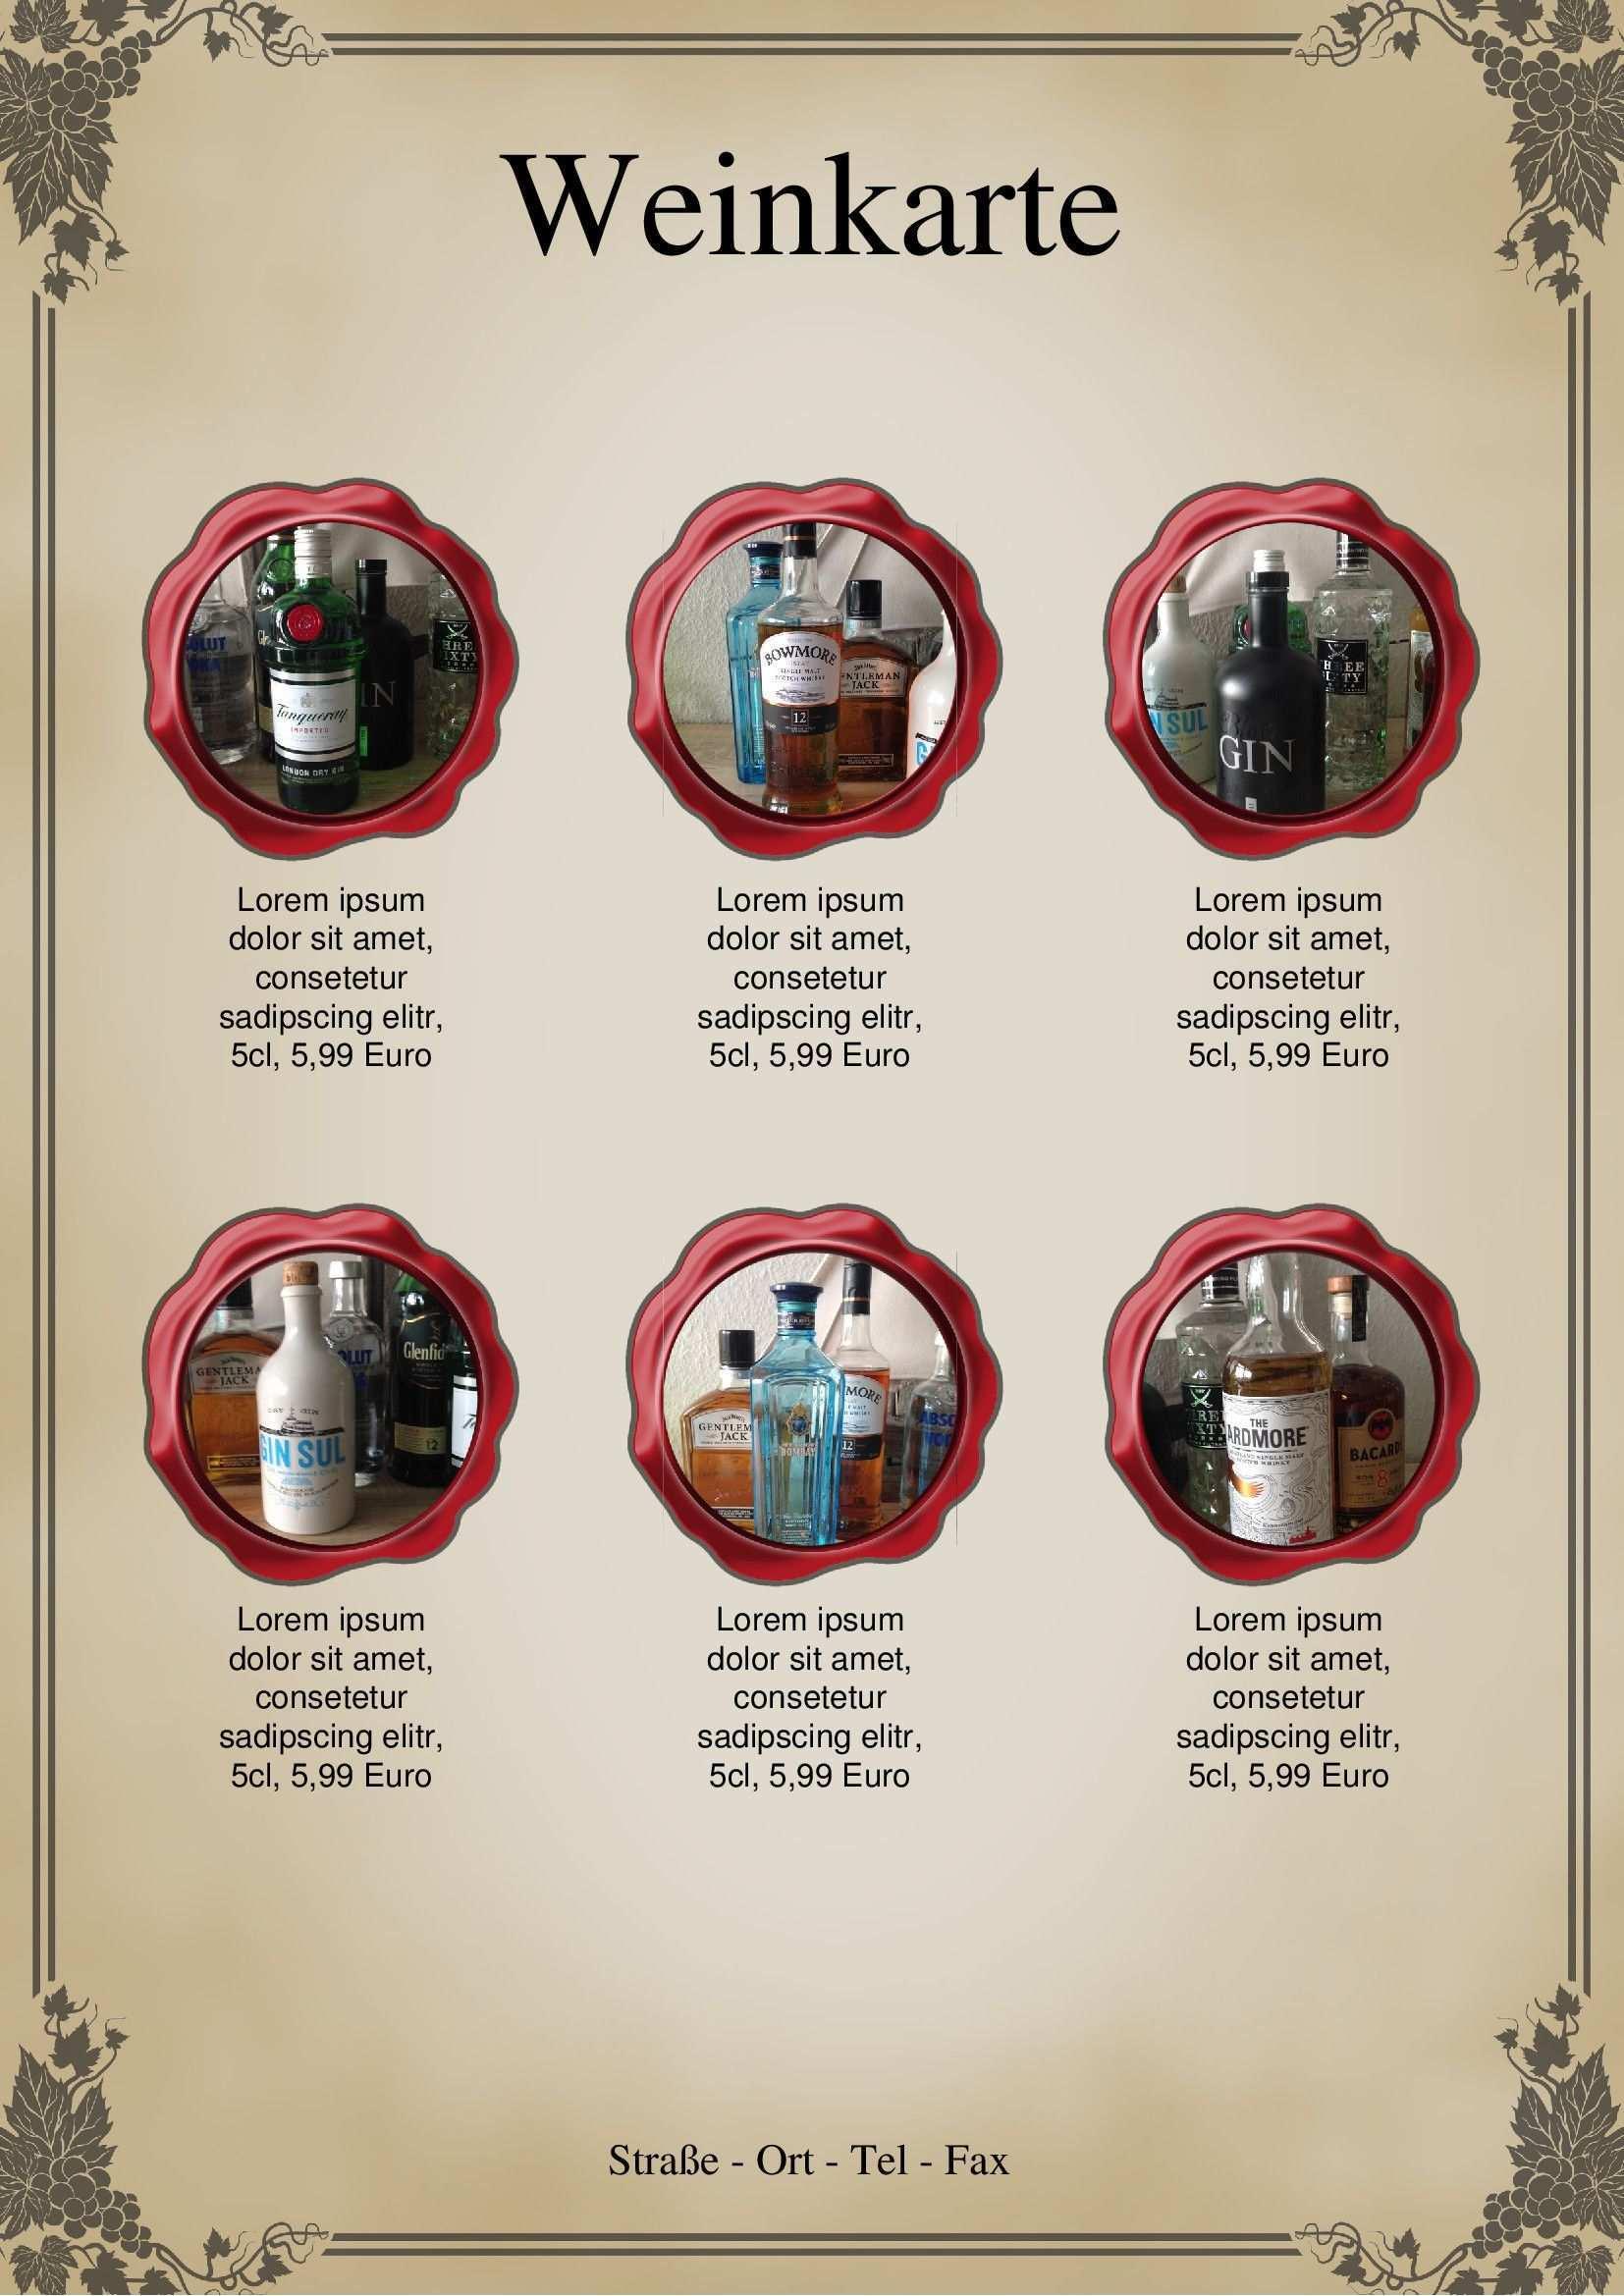 Weinkarte Vorlage Von Chris Auf 365layouts Weinkarte Speisekarte Karten